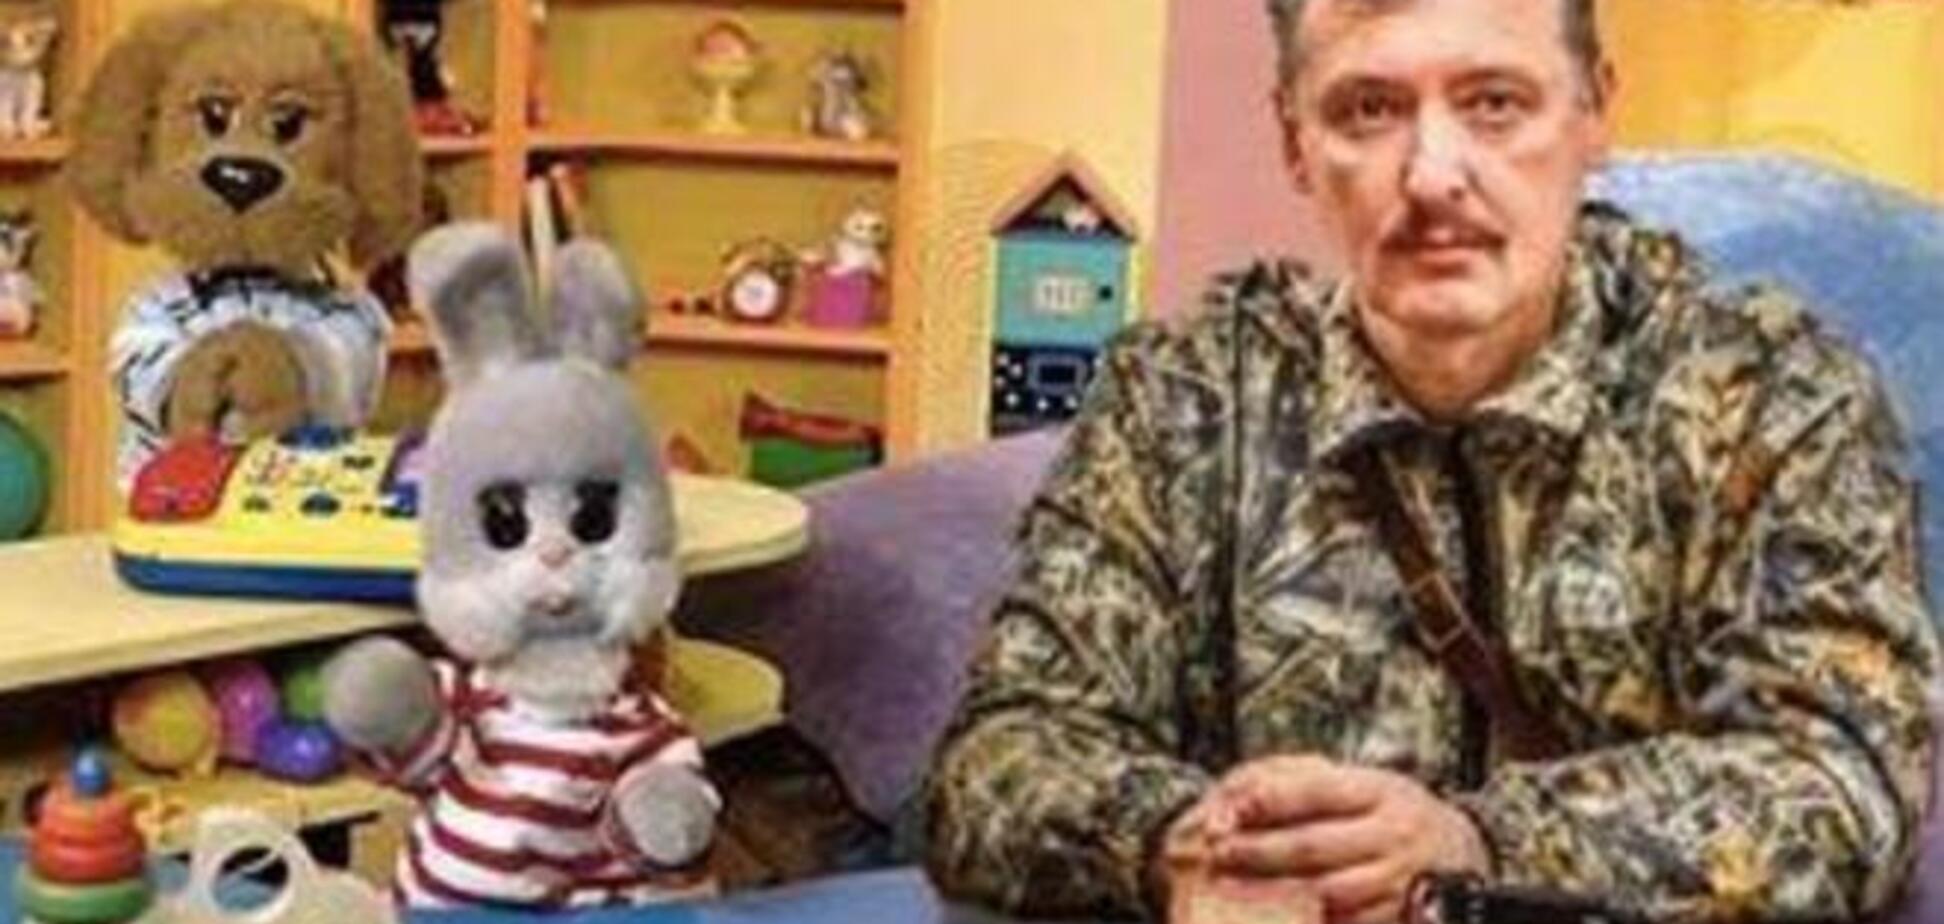 Росіяни вирахували путінського персонажа в 'На добраніч, малюки!'